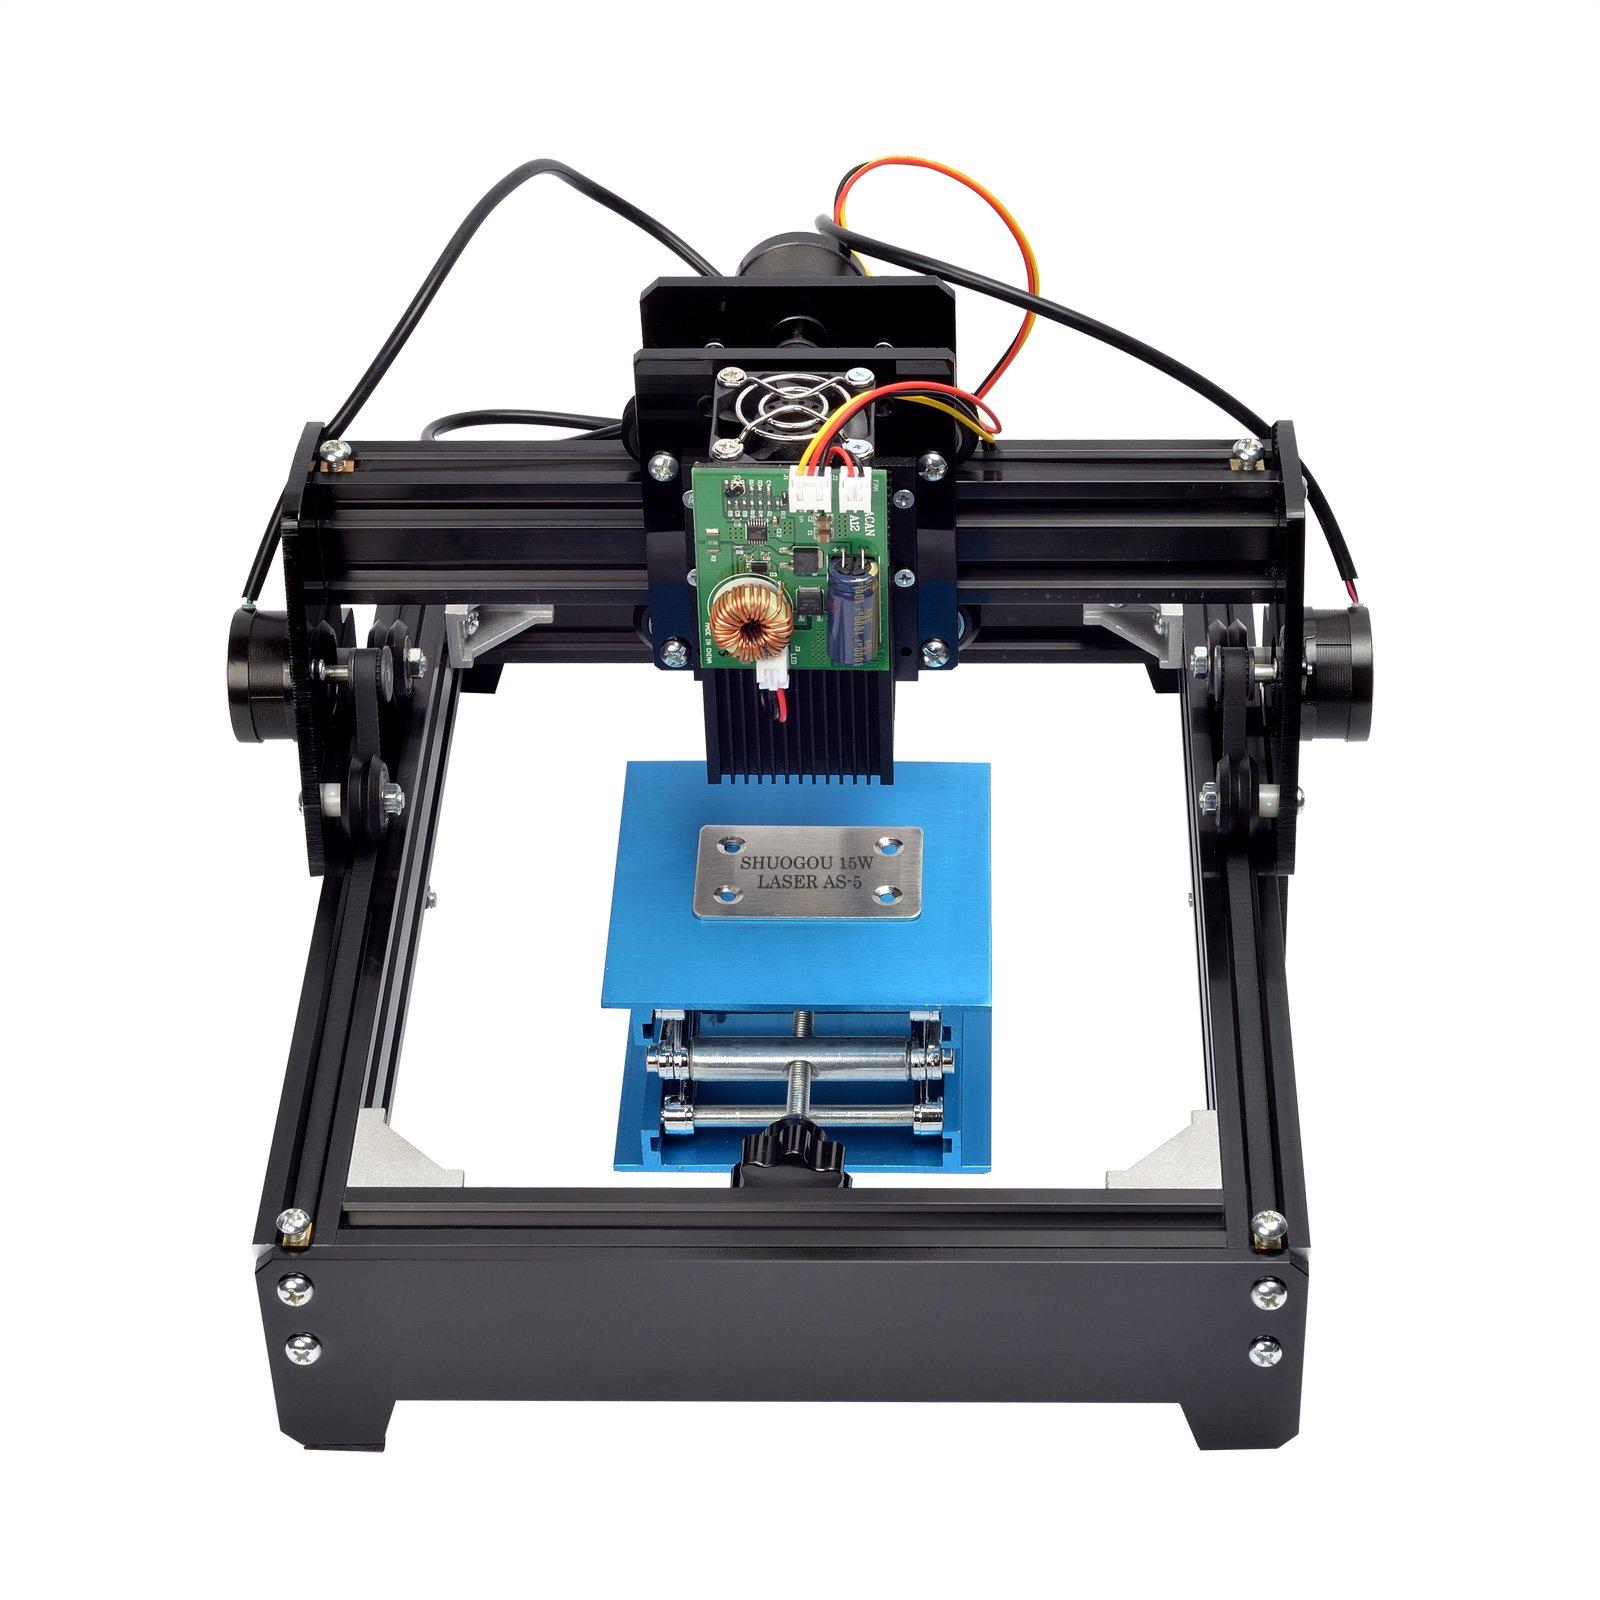 SHUOGOU 15000MW laser AS-5 Carving Machine, Mini Laser Engraving Machine Engraver DIY Logo Printer for Metal Steel Iron Stone Wood Image, 15W USB Personal CNC Desktop Laser Engraver by SHUOGOU